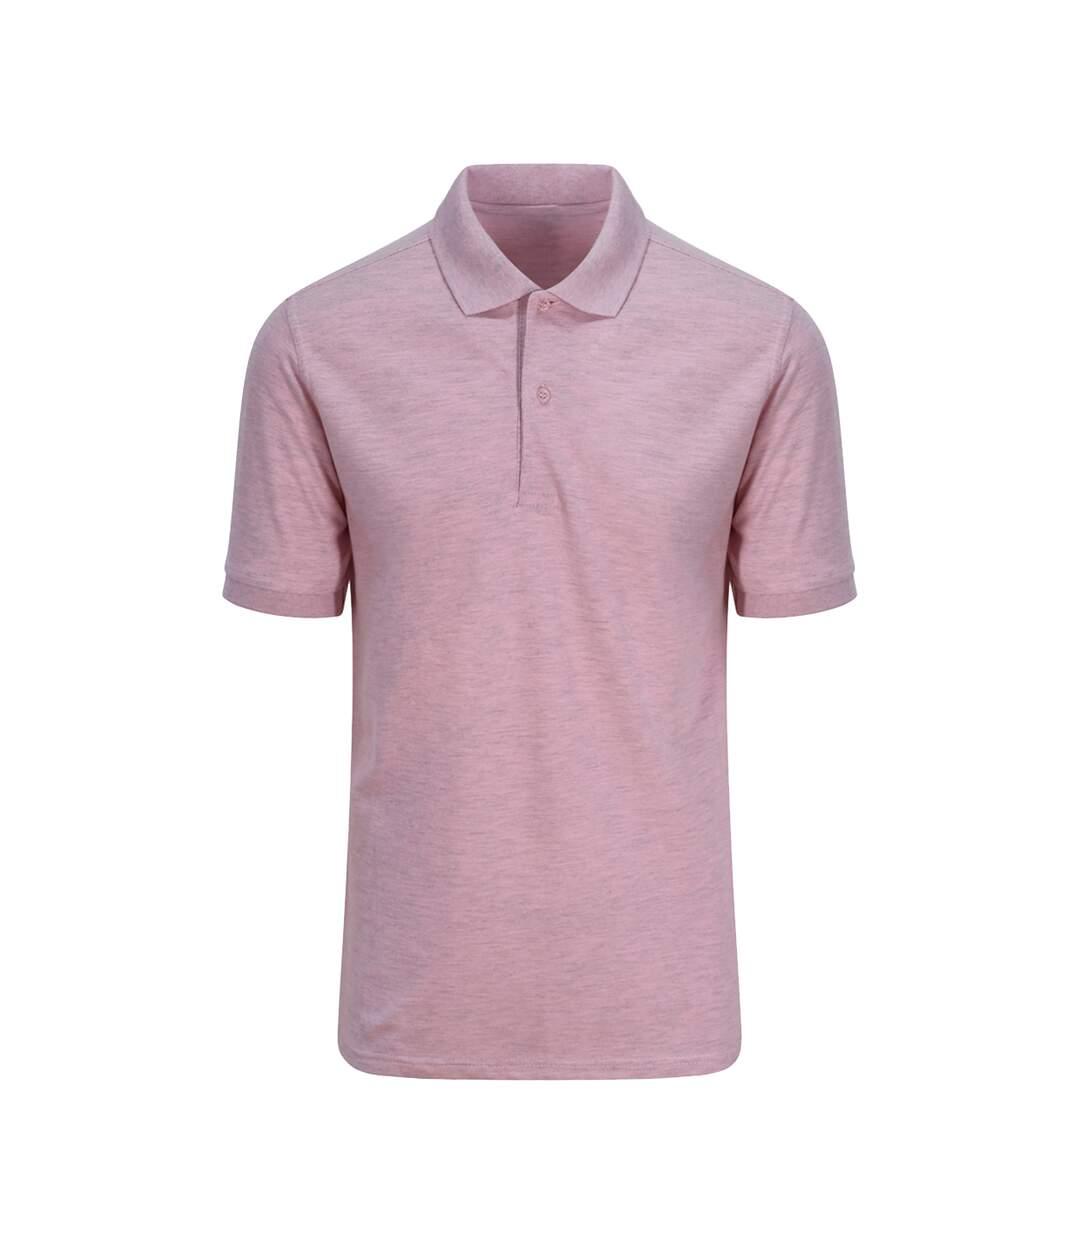 AWDis Just Polos Mens Surf Melange Pique Polo Shirt (Surf Pink) - UTPC3589